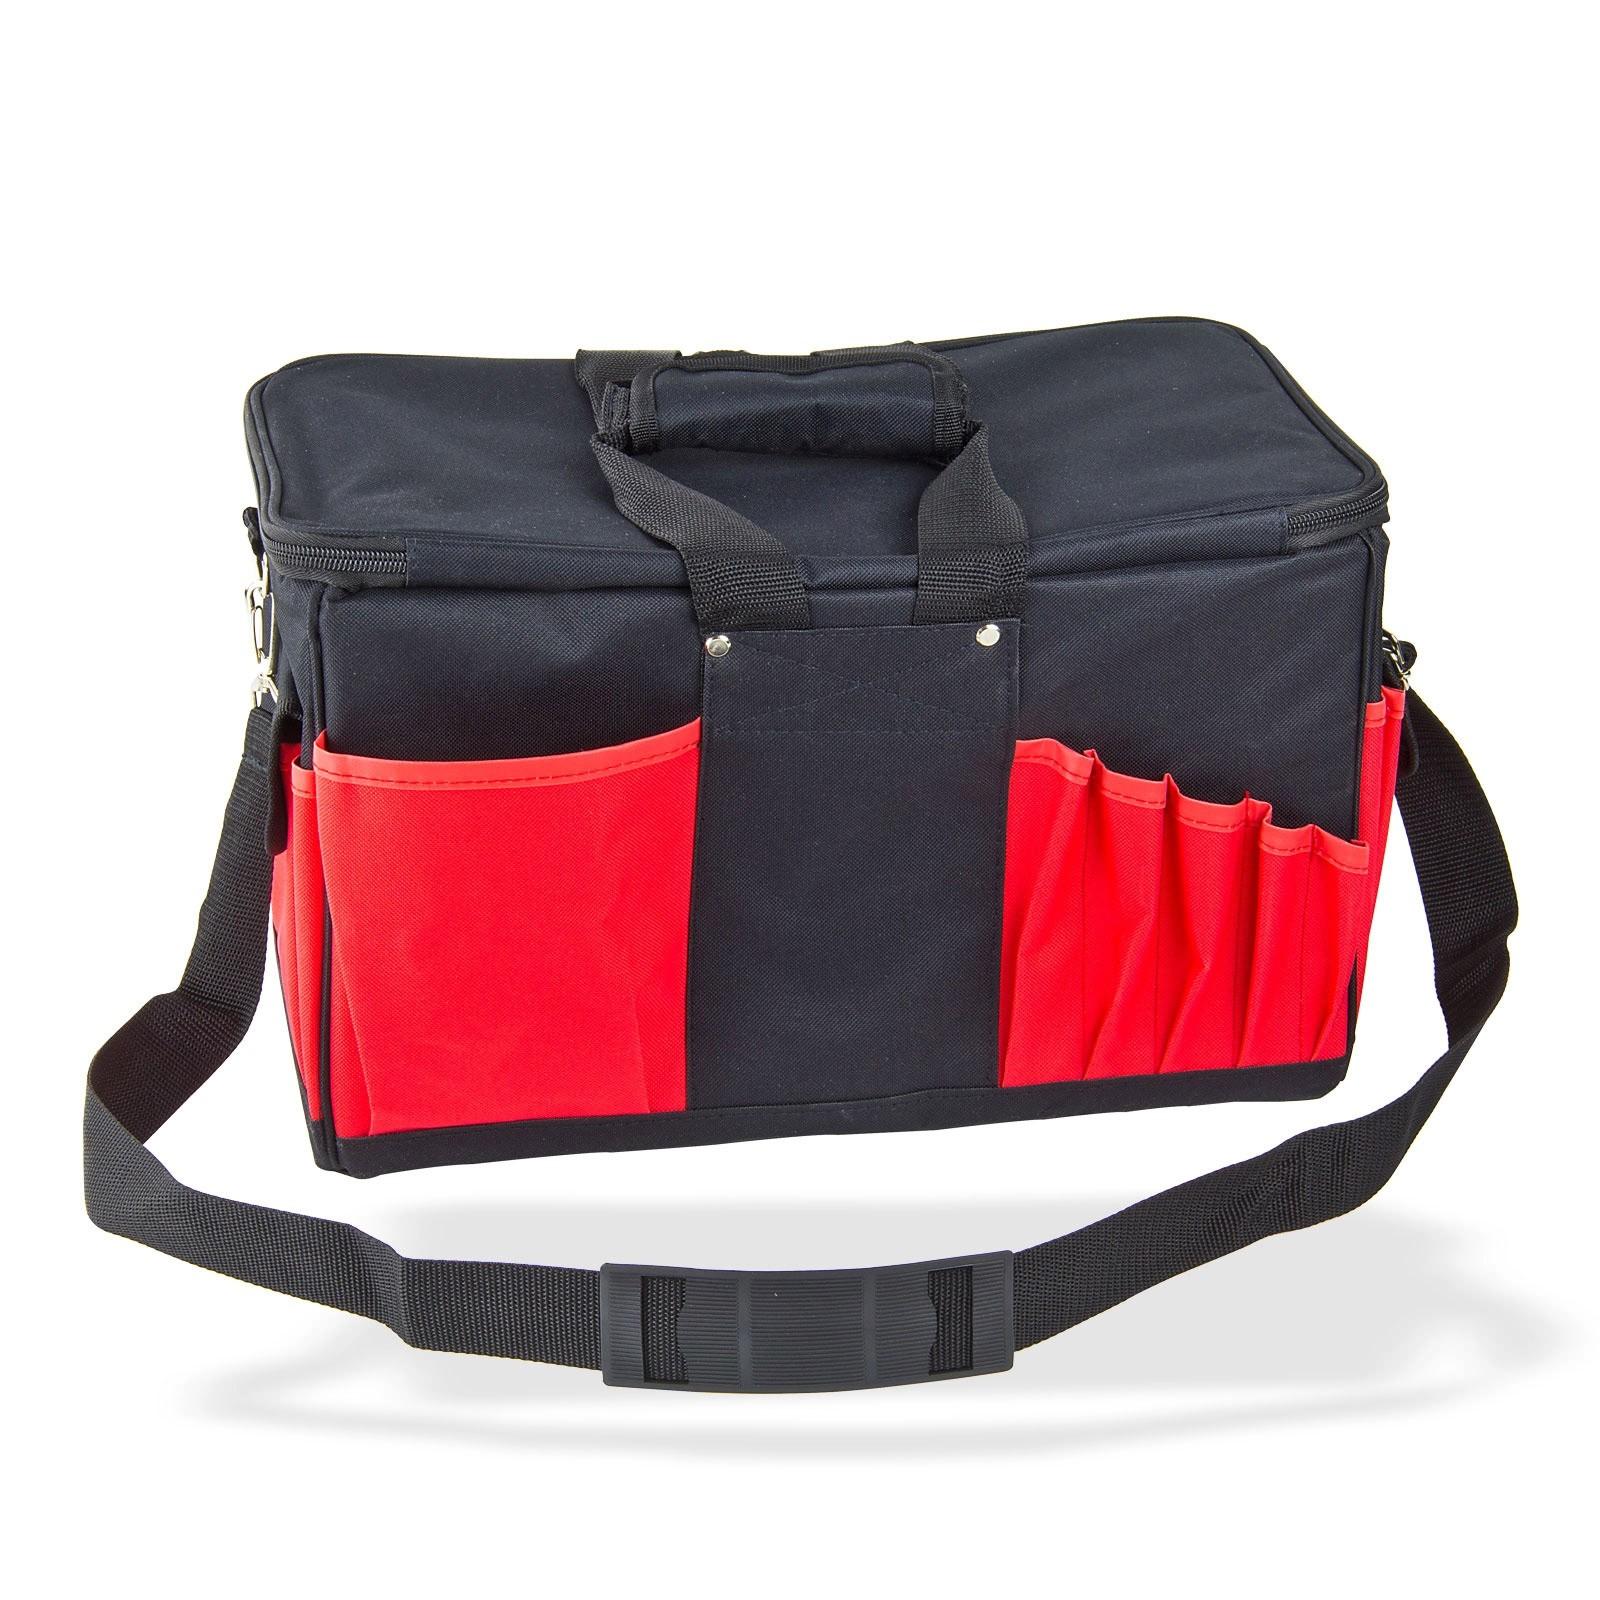 werkzeug umh ngetasche werkzeugtasche montagetasche. Black Bedroom Furniture Sets. Home Design Ideas